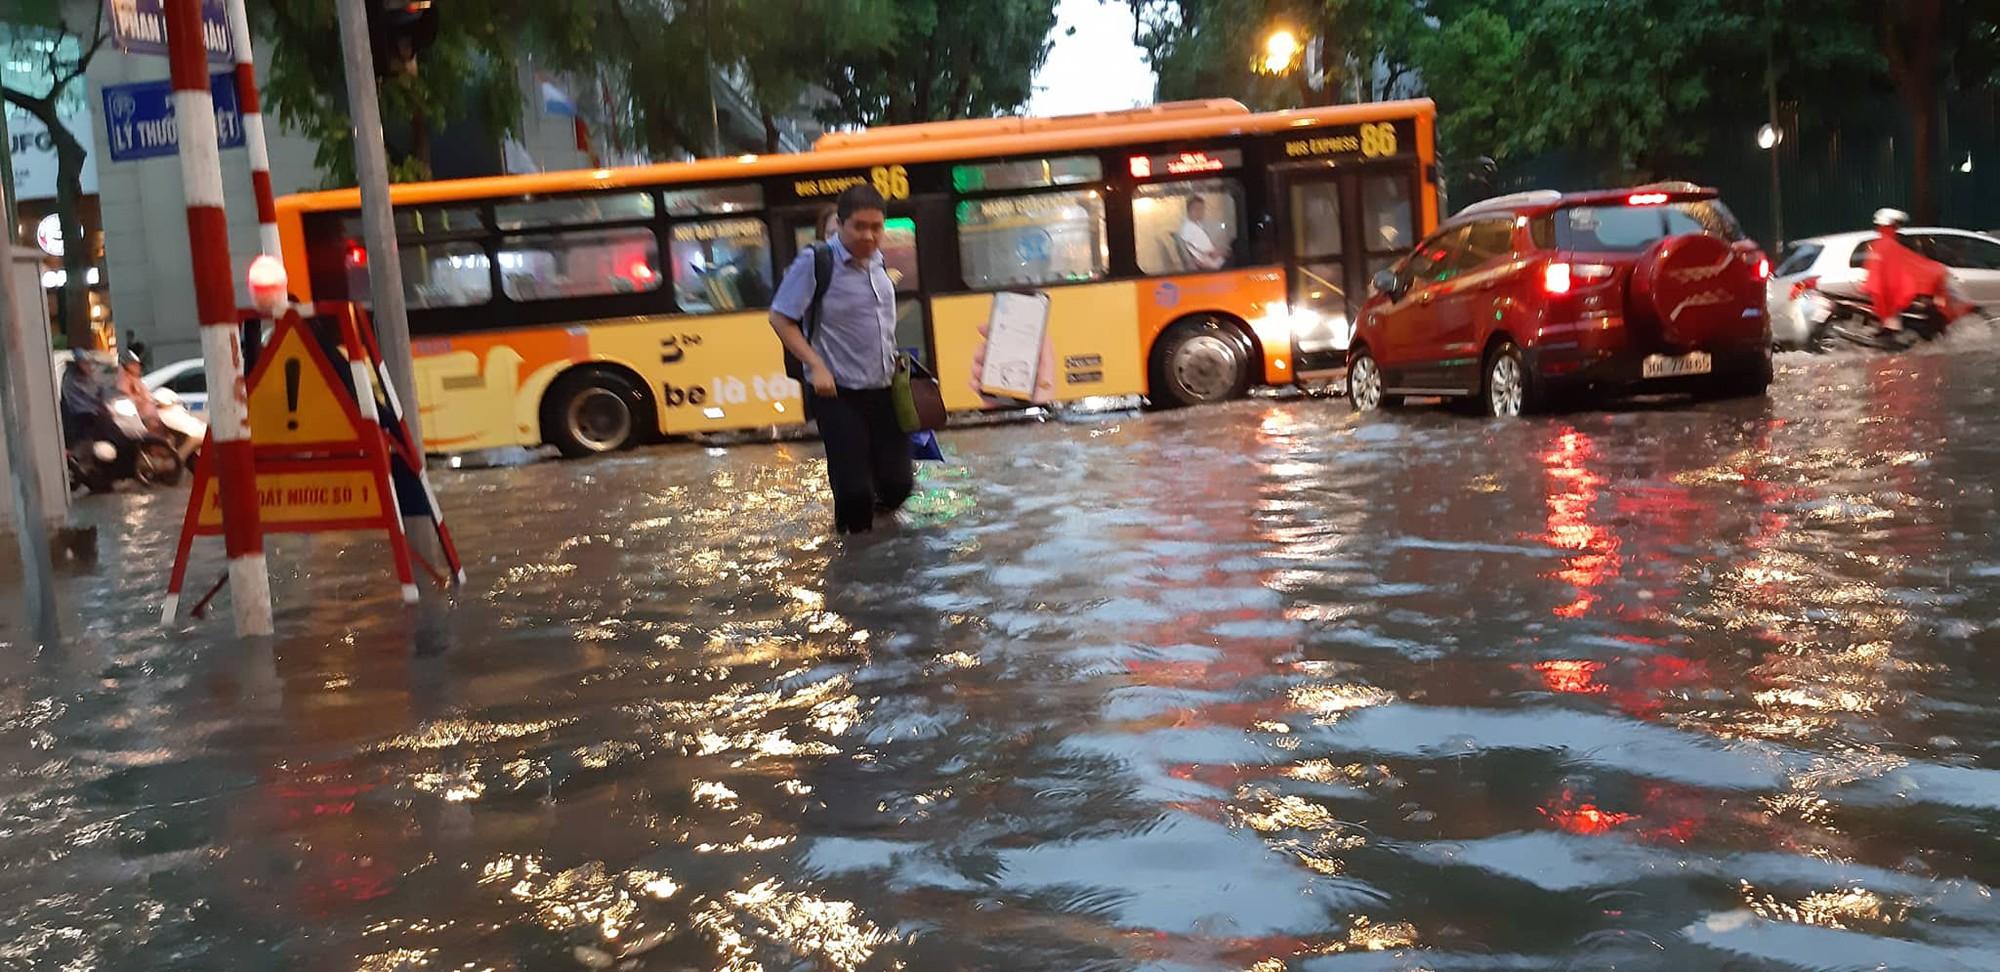 Hà Nội: Mưa lớn bất chật, nhiều tuyến phố ngập sâu trong nước6